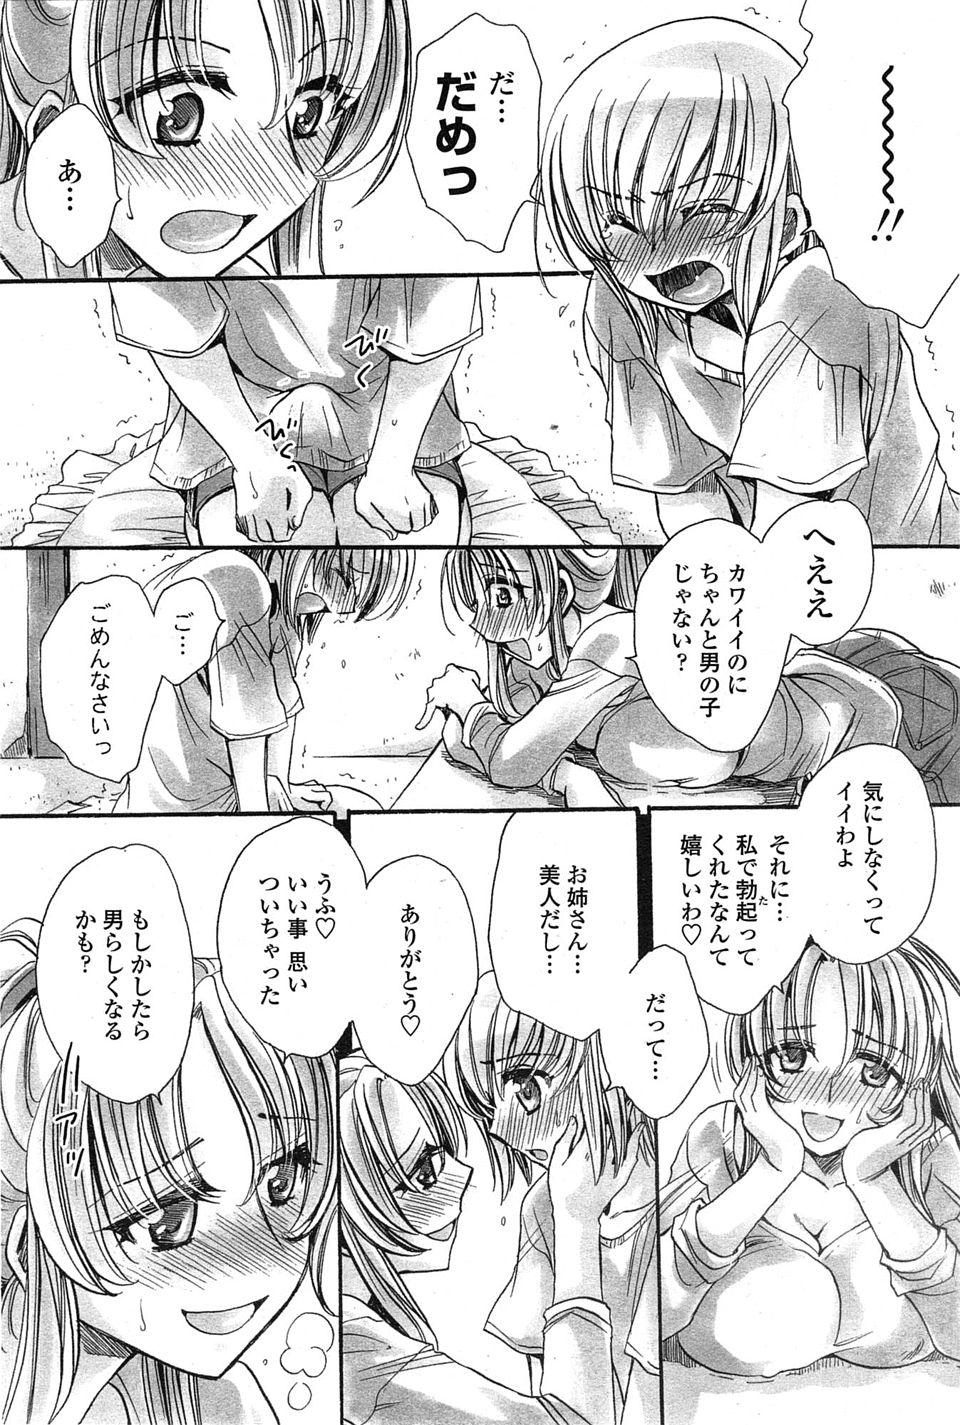 【エロ漫画・エロ同人誌】可愛い男の子が新しく住むボロアパートに来たら巨乳のお姉さんに誘惑されてエッチしちゃってるwお互い始めててイケなかったから連続セックスwww (4)